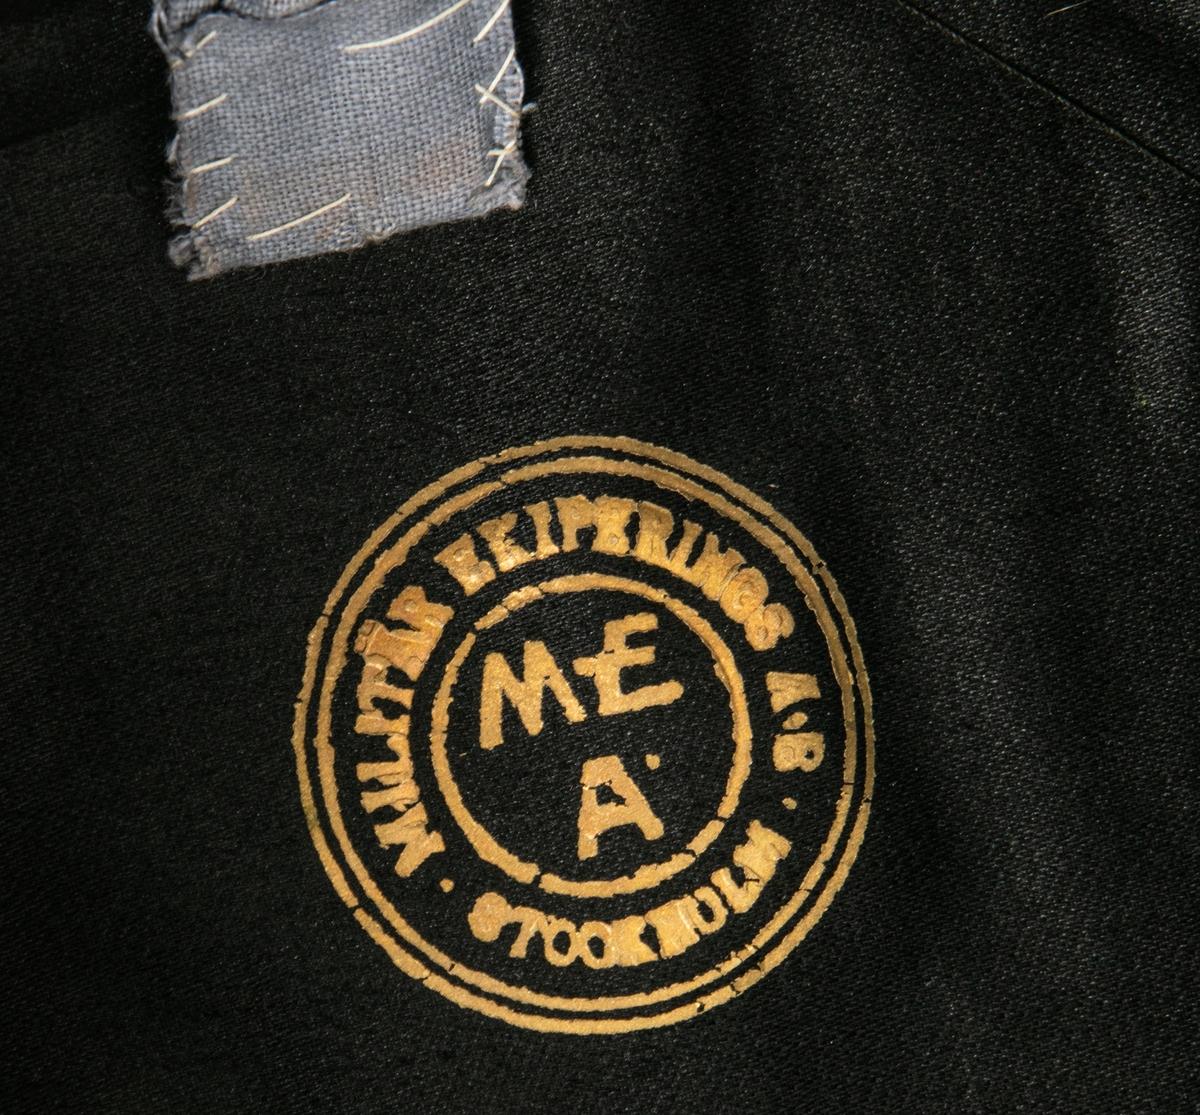 Uniform M/Ä -23. Intendentkåren. Sydd i augusti 1930 å I14:s  off- och uoffskrädderi av skräddarmästare Axel Granath.